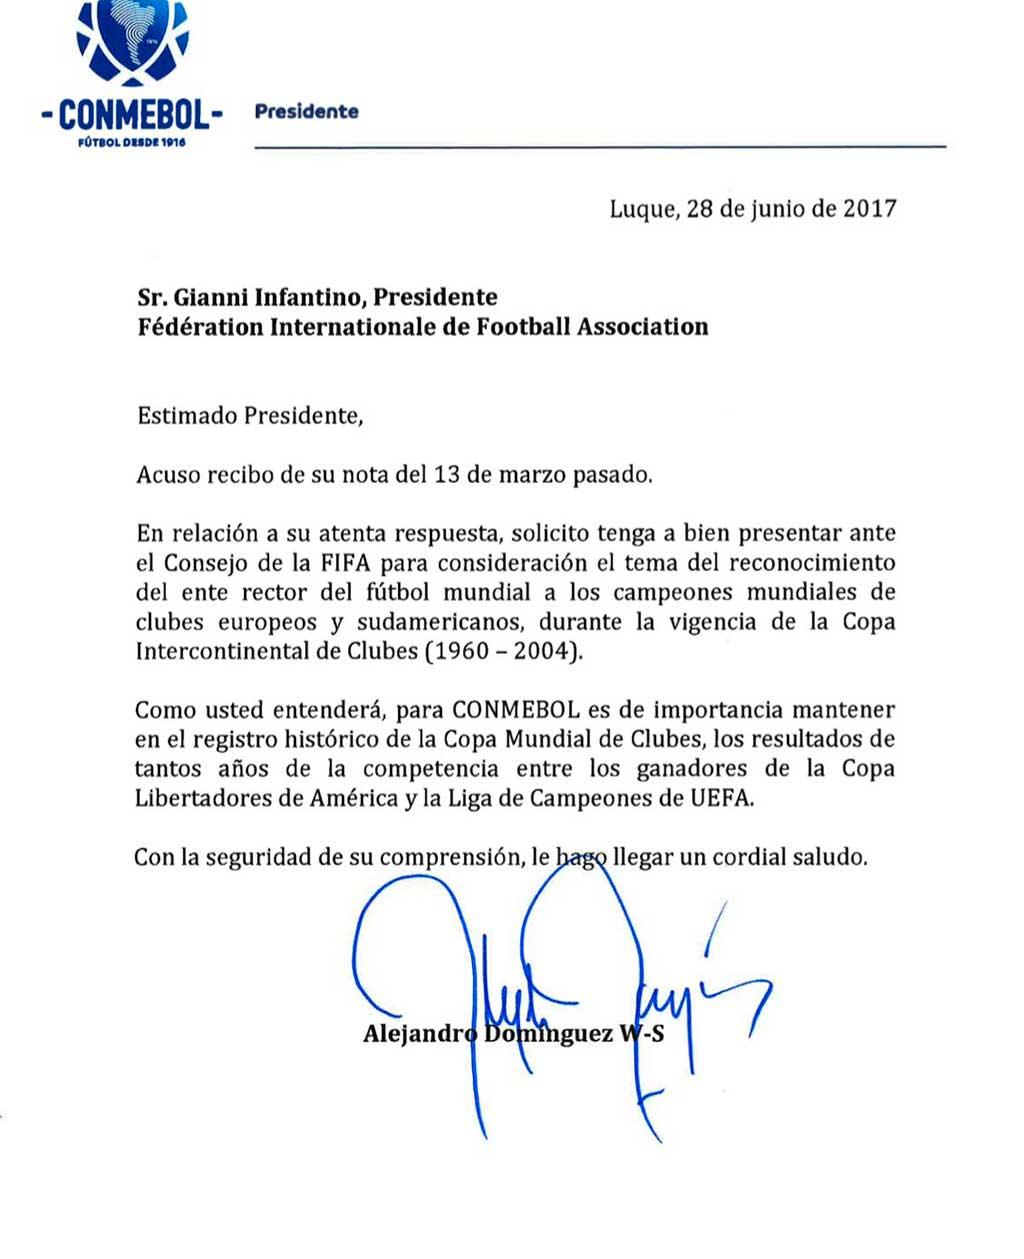 Carta da Conmebol solicitando reconhecimento dos títulos mundiais